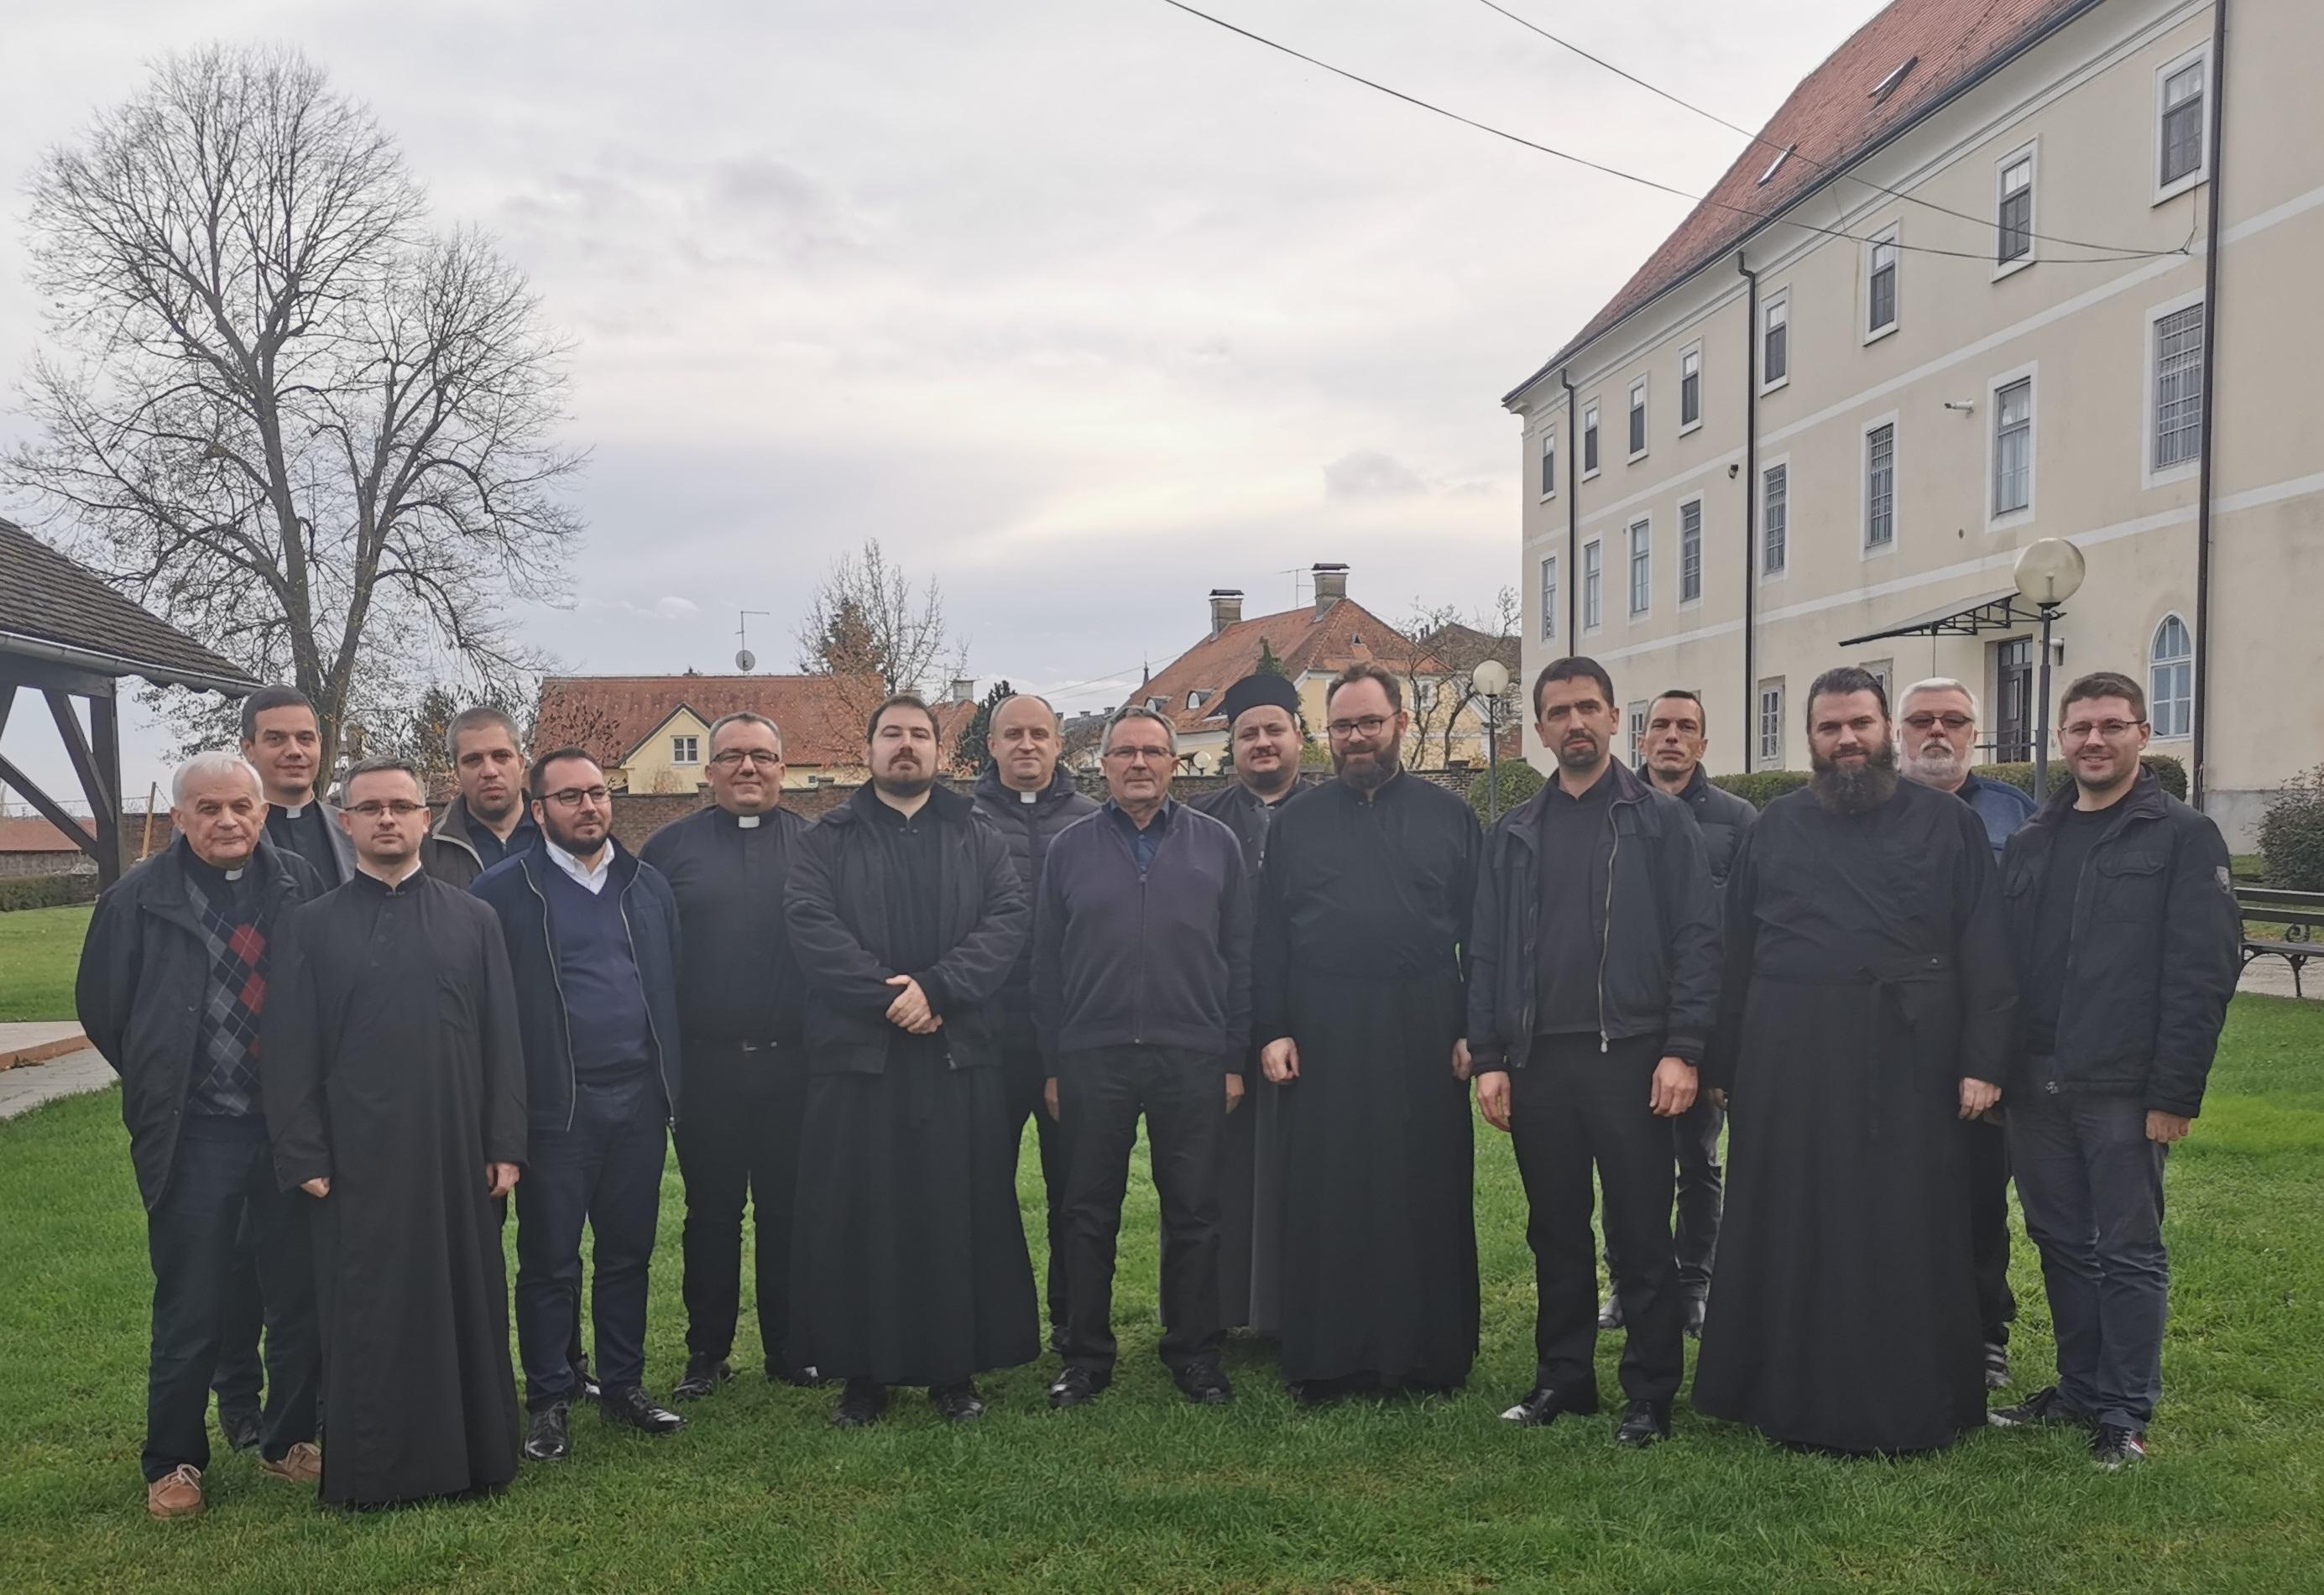 Održana konstituirajuća sjednica Prezbiterskog vijeća Križevačke eparhije